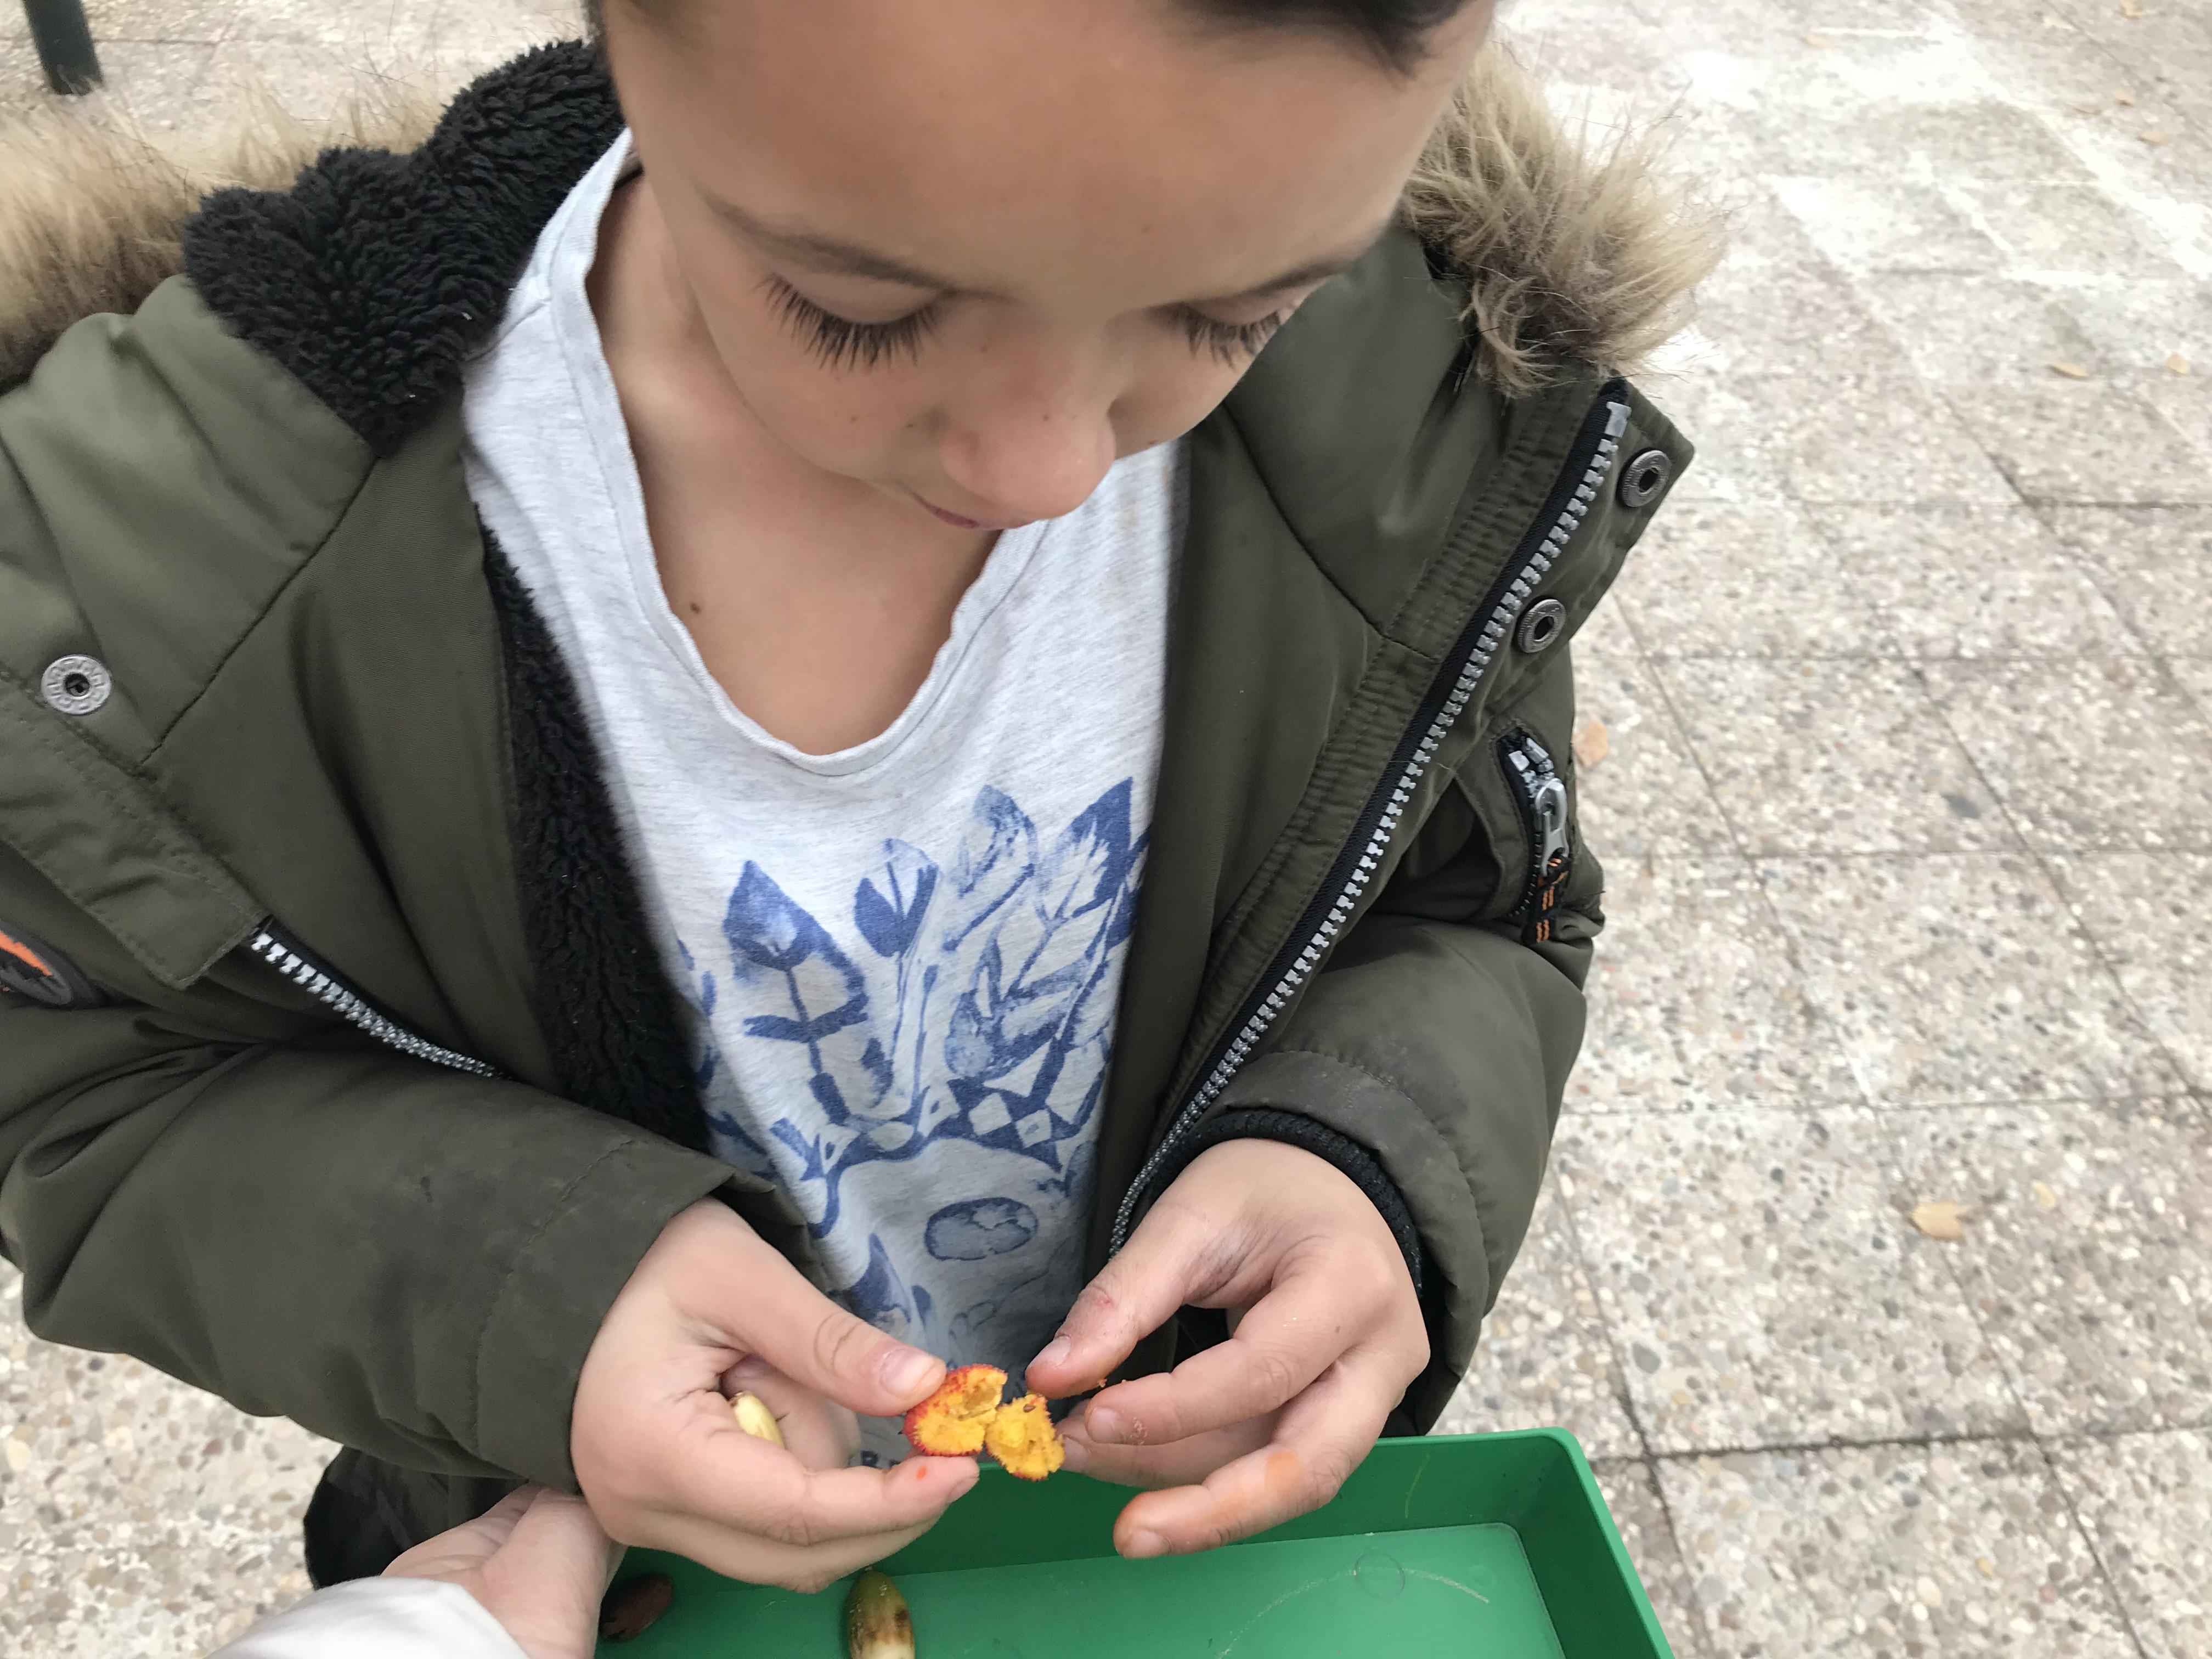 2018_12_05_1º Y 2º TRABAJAN LA BIODIVERSIDAD_PROYECTO THE GREAT PLANT HUNT_CEIP FDLR_Las Rozas